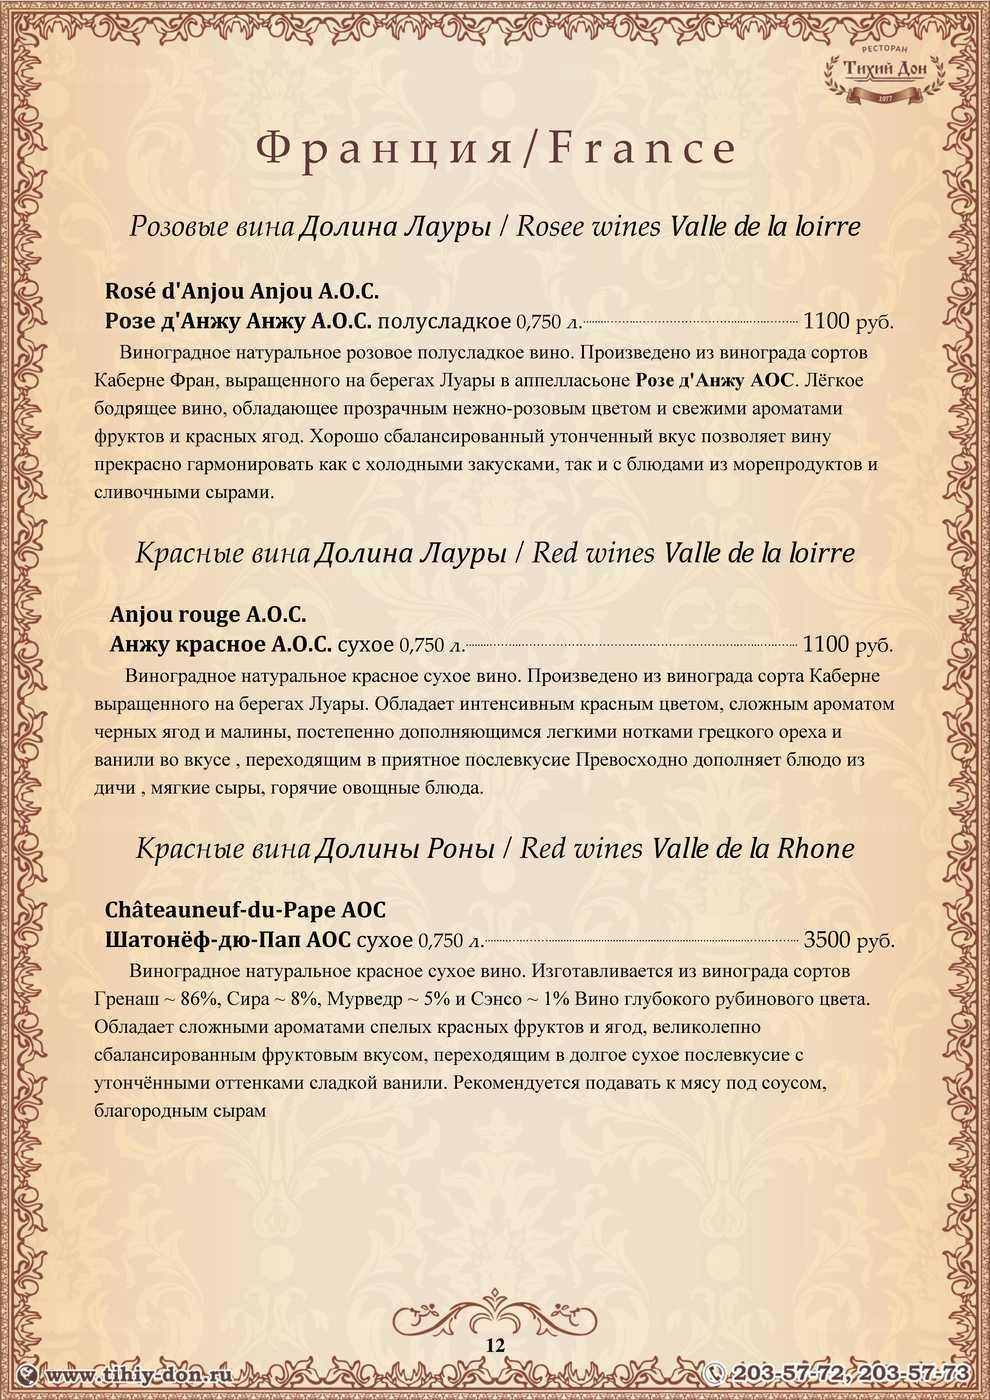 Меню ресторана Тихий Дон в Береговой фото 57